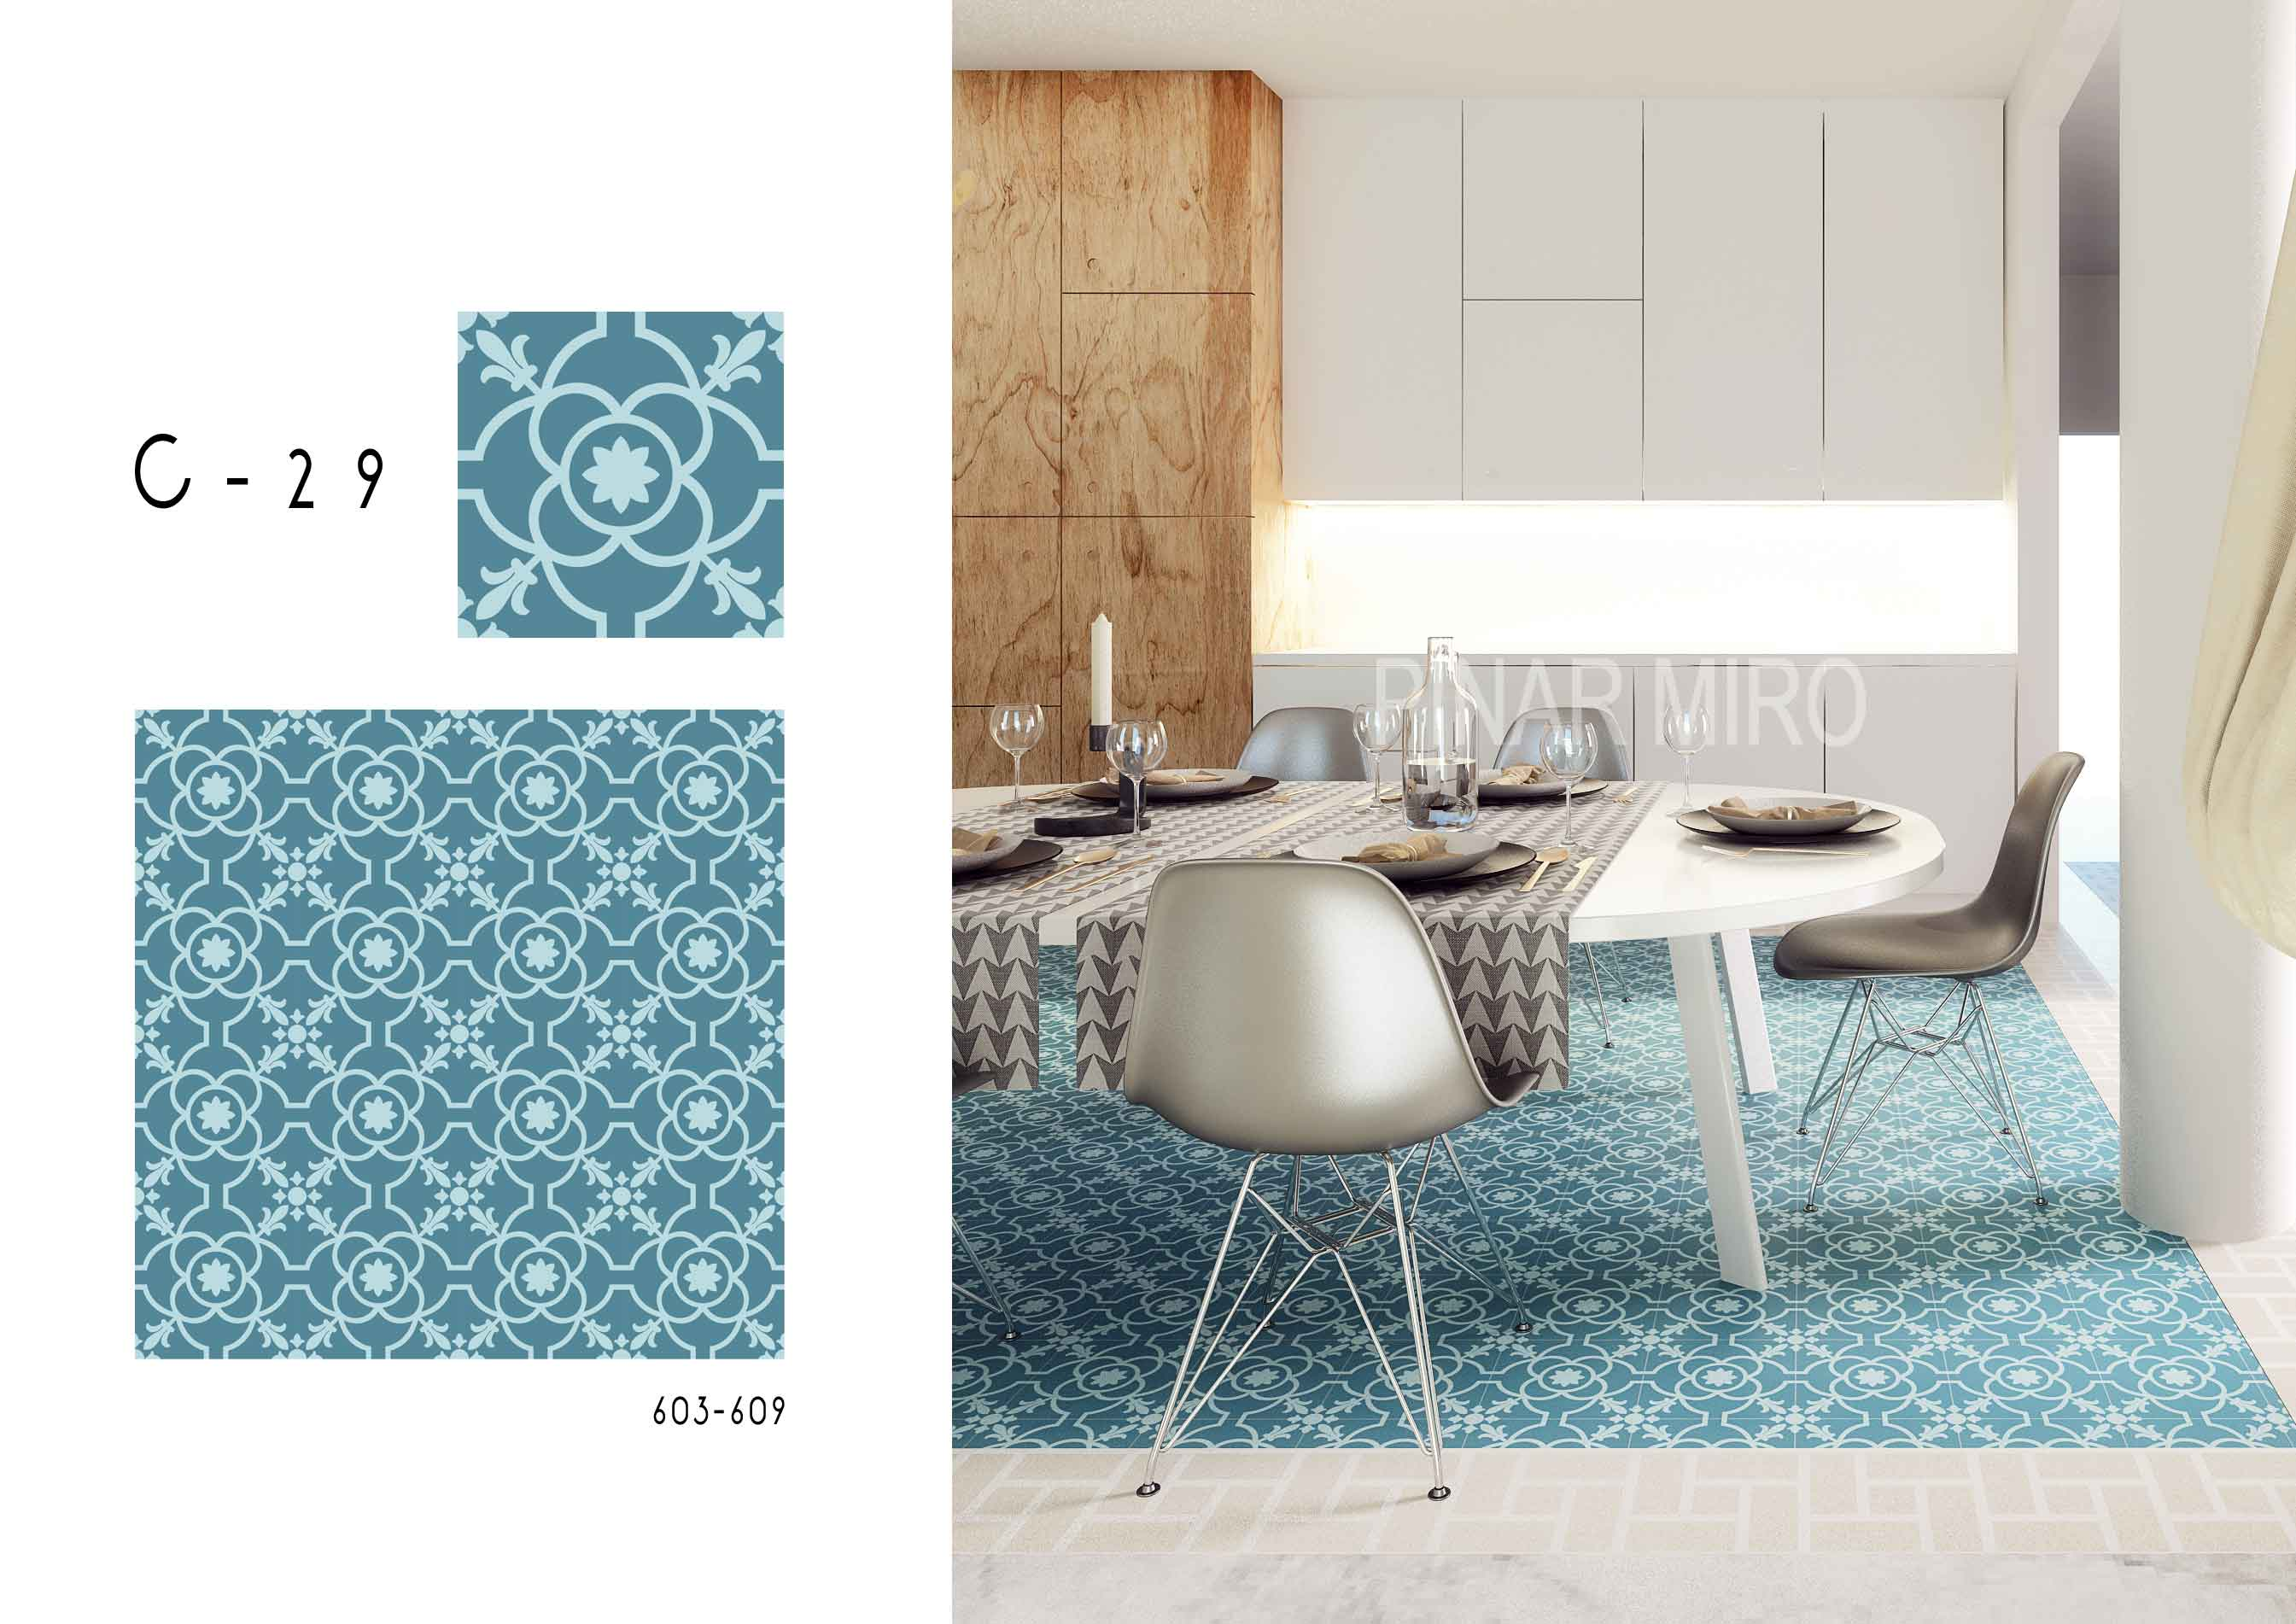 2-c029-pinar-miro-cement-tiles